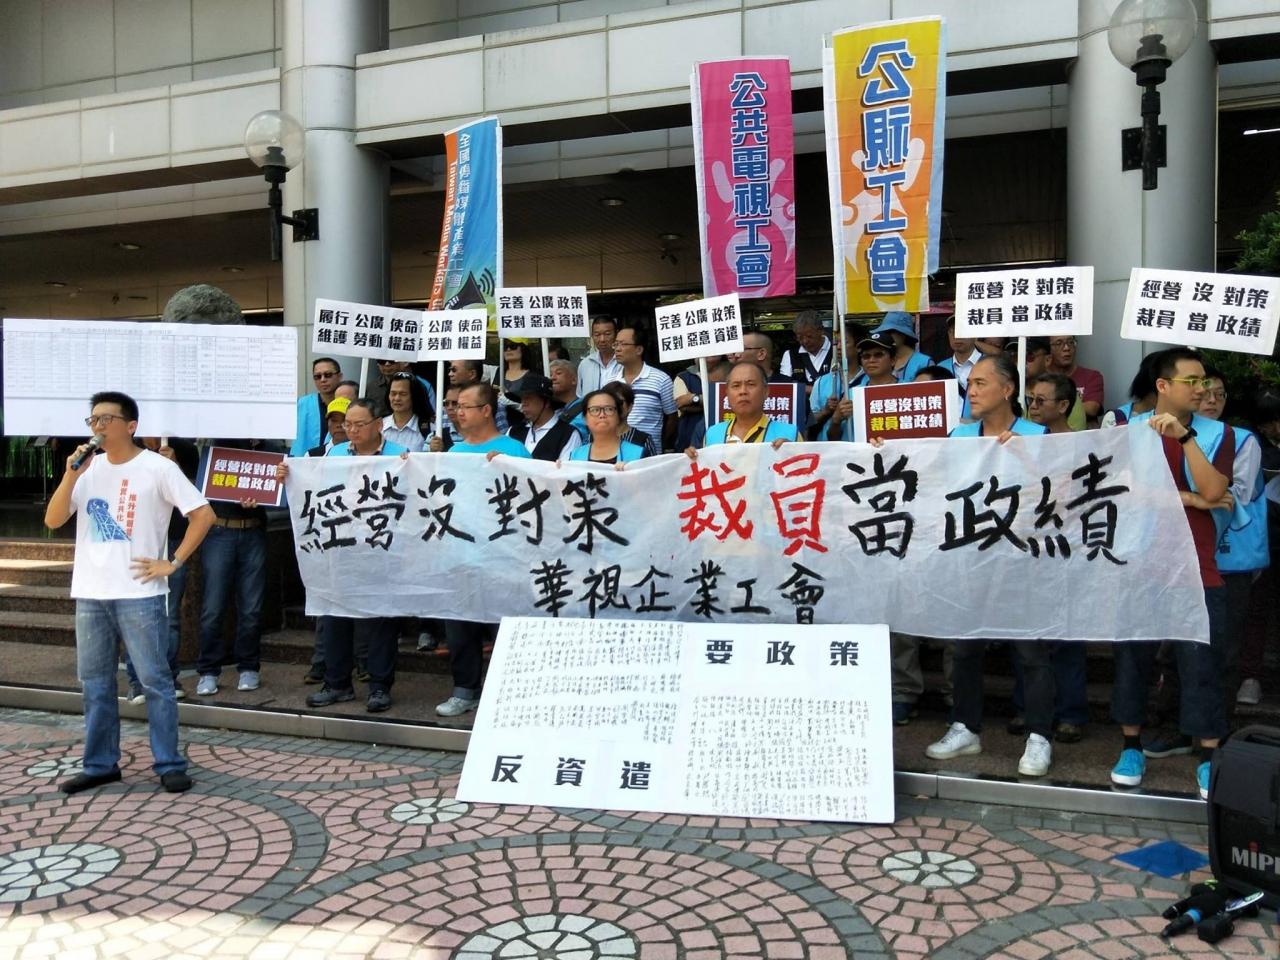 華視工會上午在電視台前抗議,反對裁員。(華視企業工會提供)